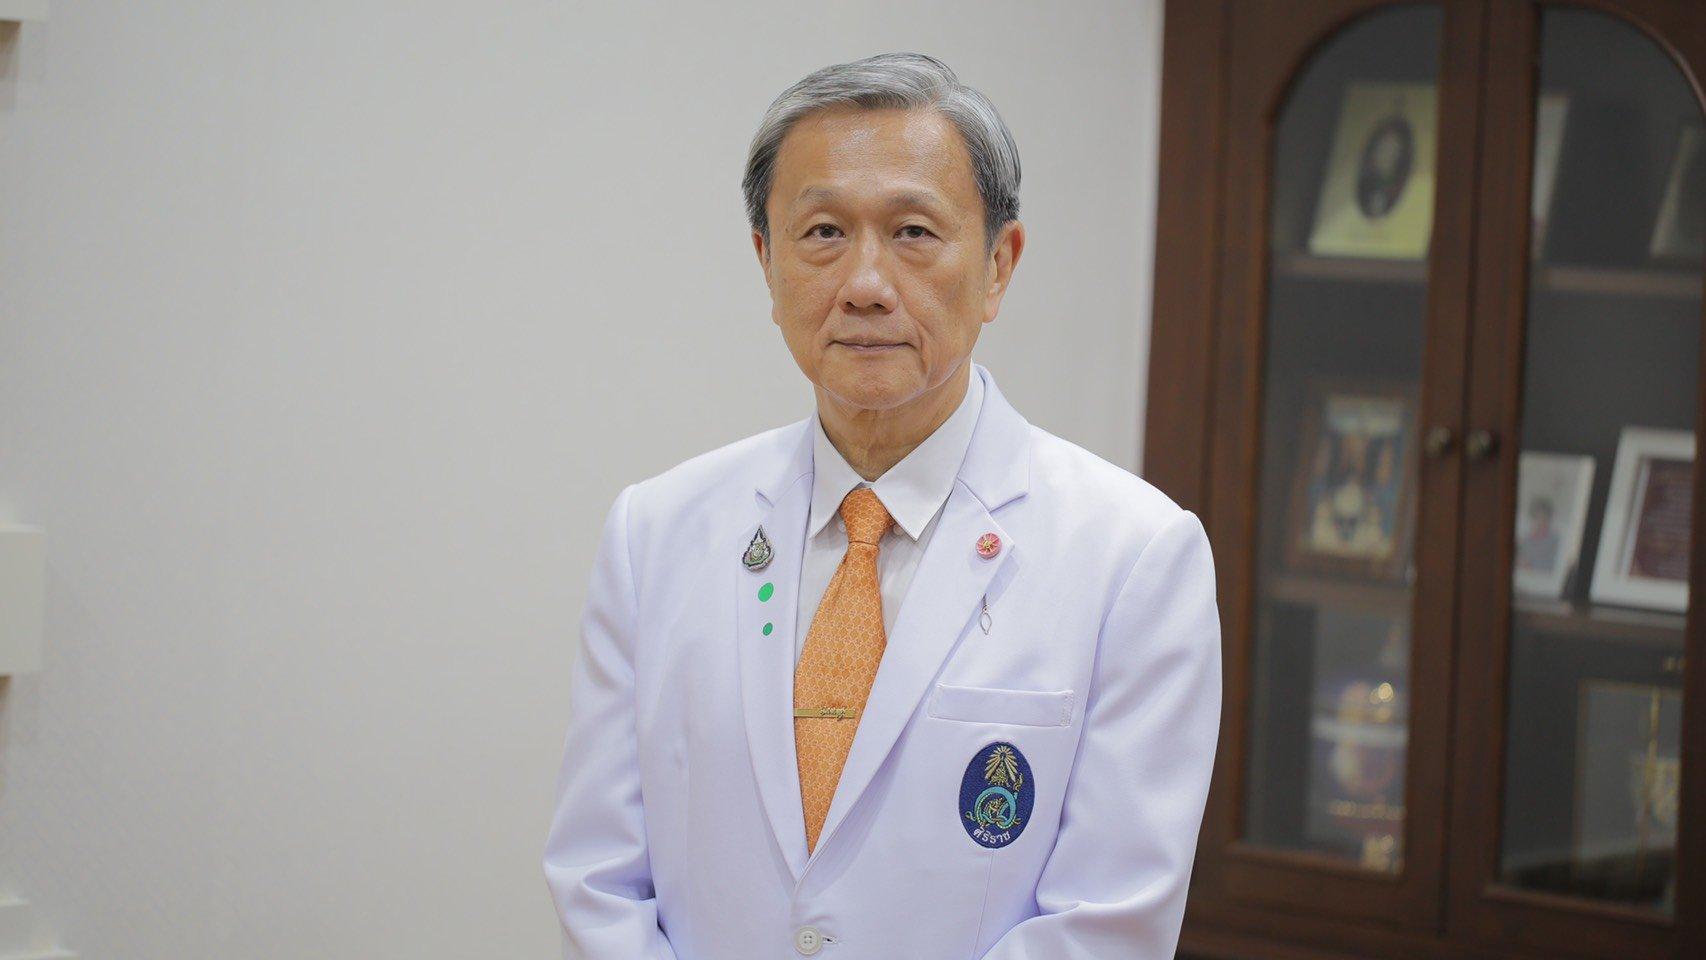 เลี่ยง NCDs ลดเสี่ยงมีอาการรุนแรงหากติด COVID-19 thaihealth